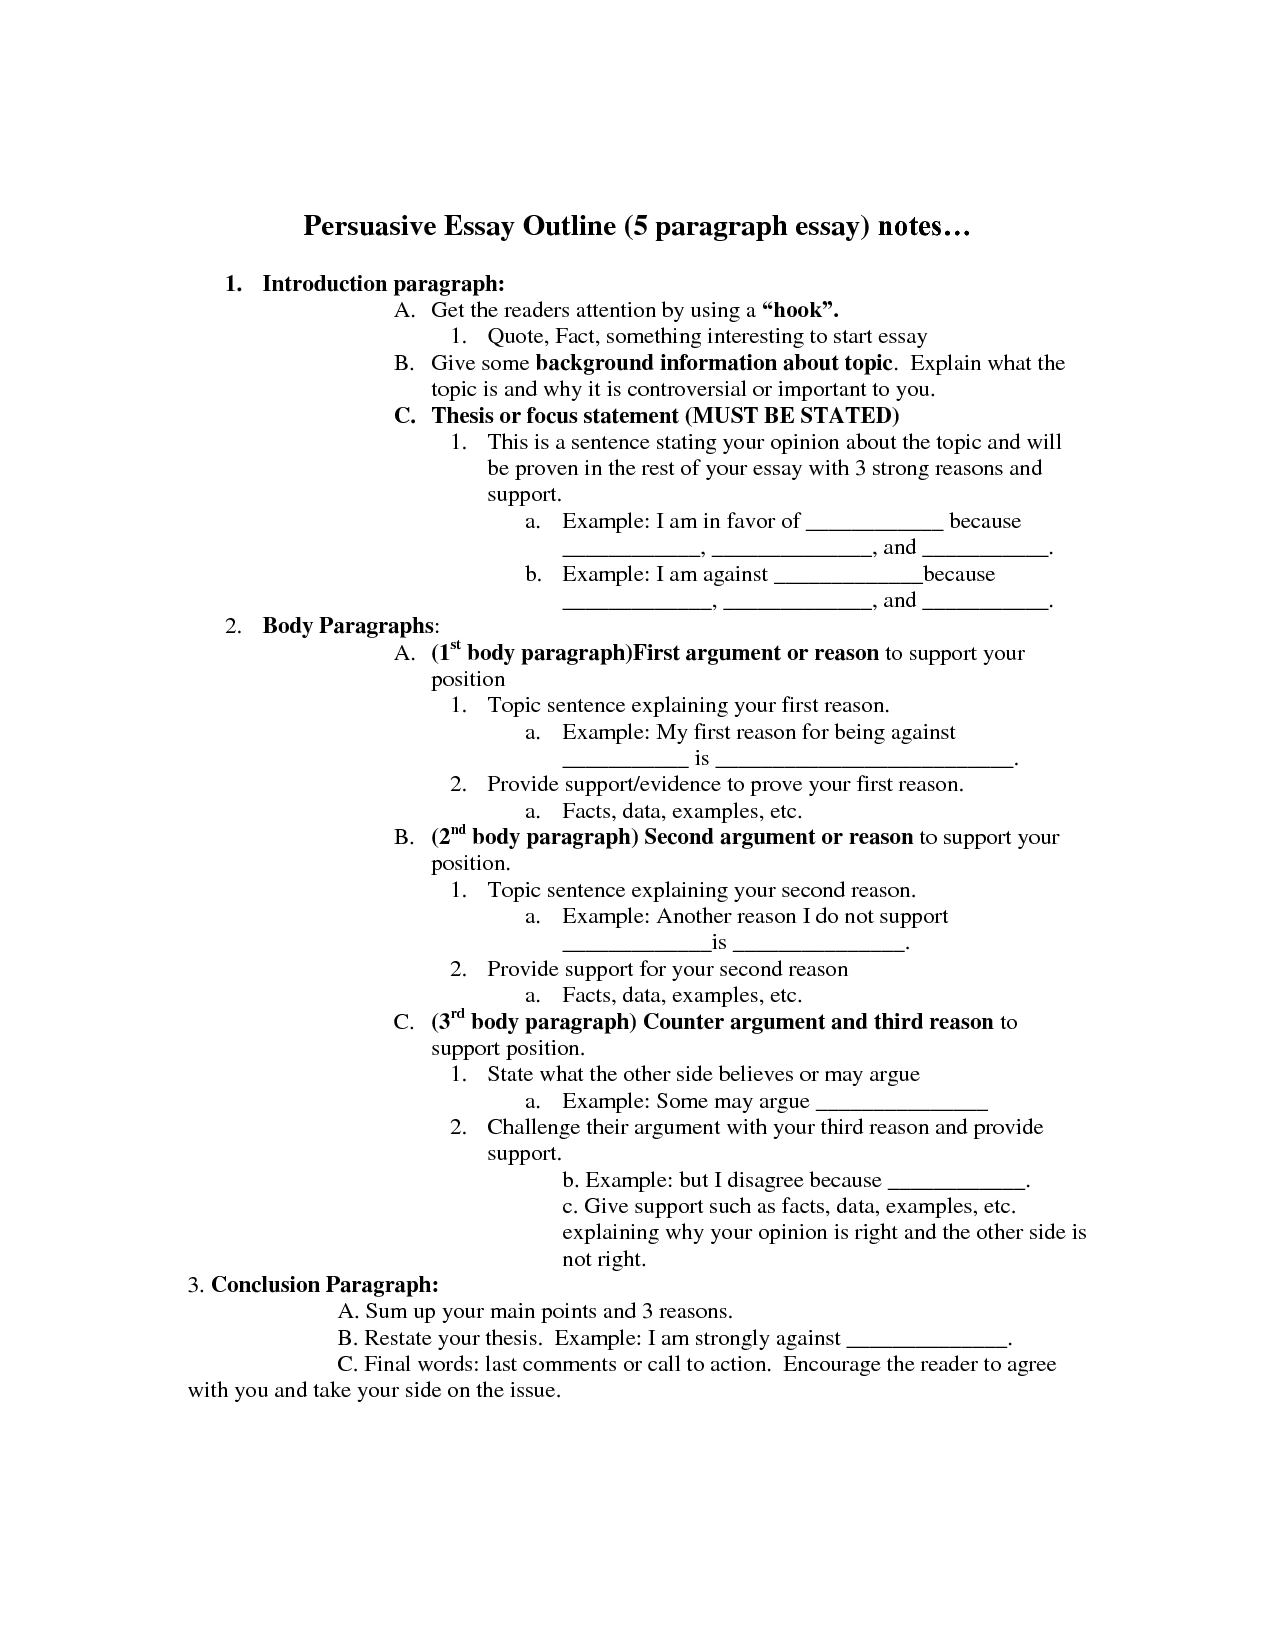 Persuasive Essay Outline Persuasive Essay Outline Paragraph Essay Argumentative Essay Outline